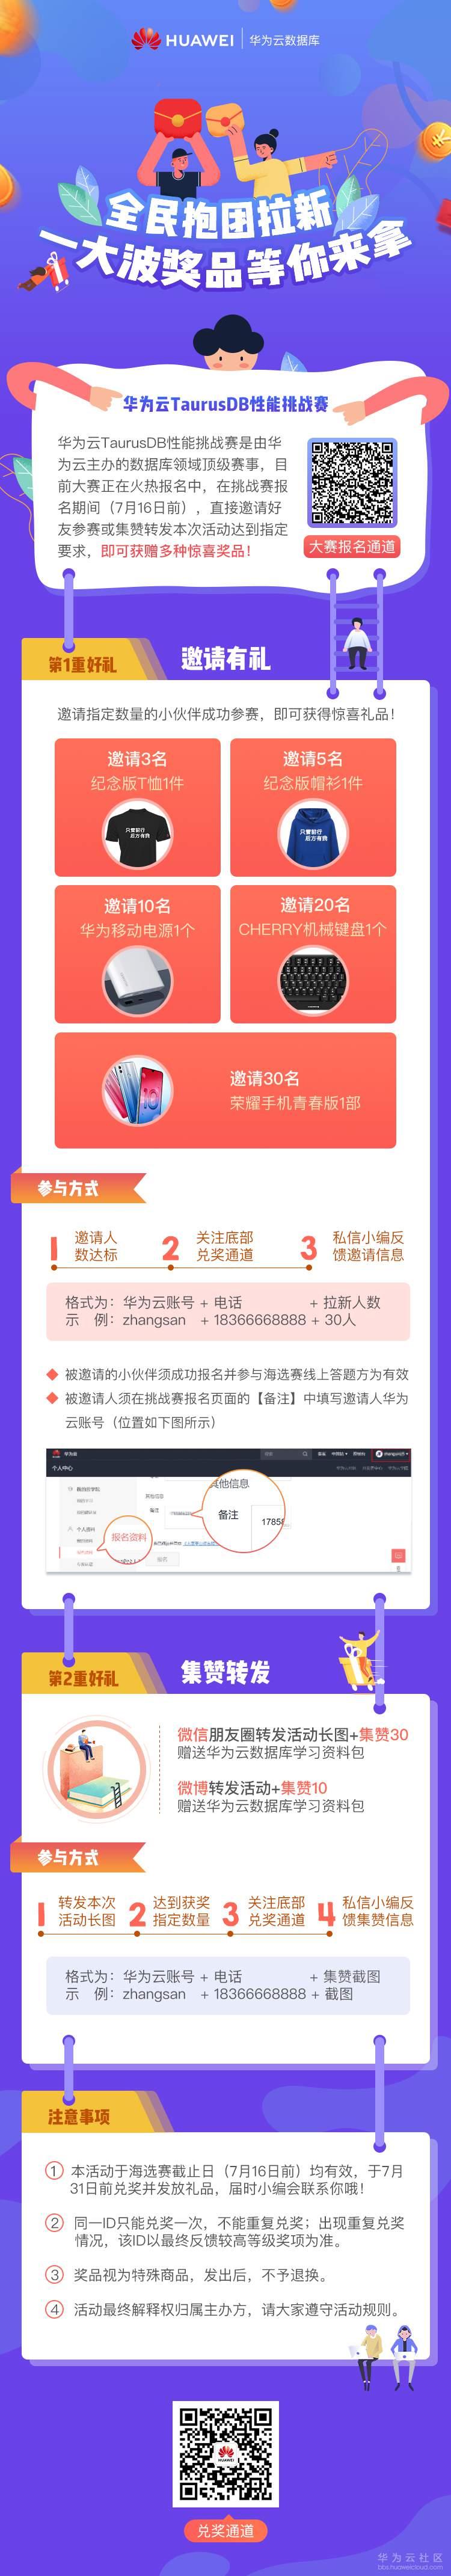 拉新长图-修改版本-数据库公众号.jpg